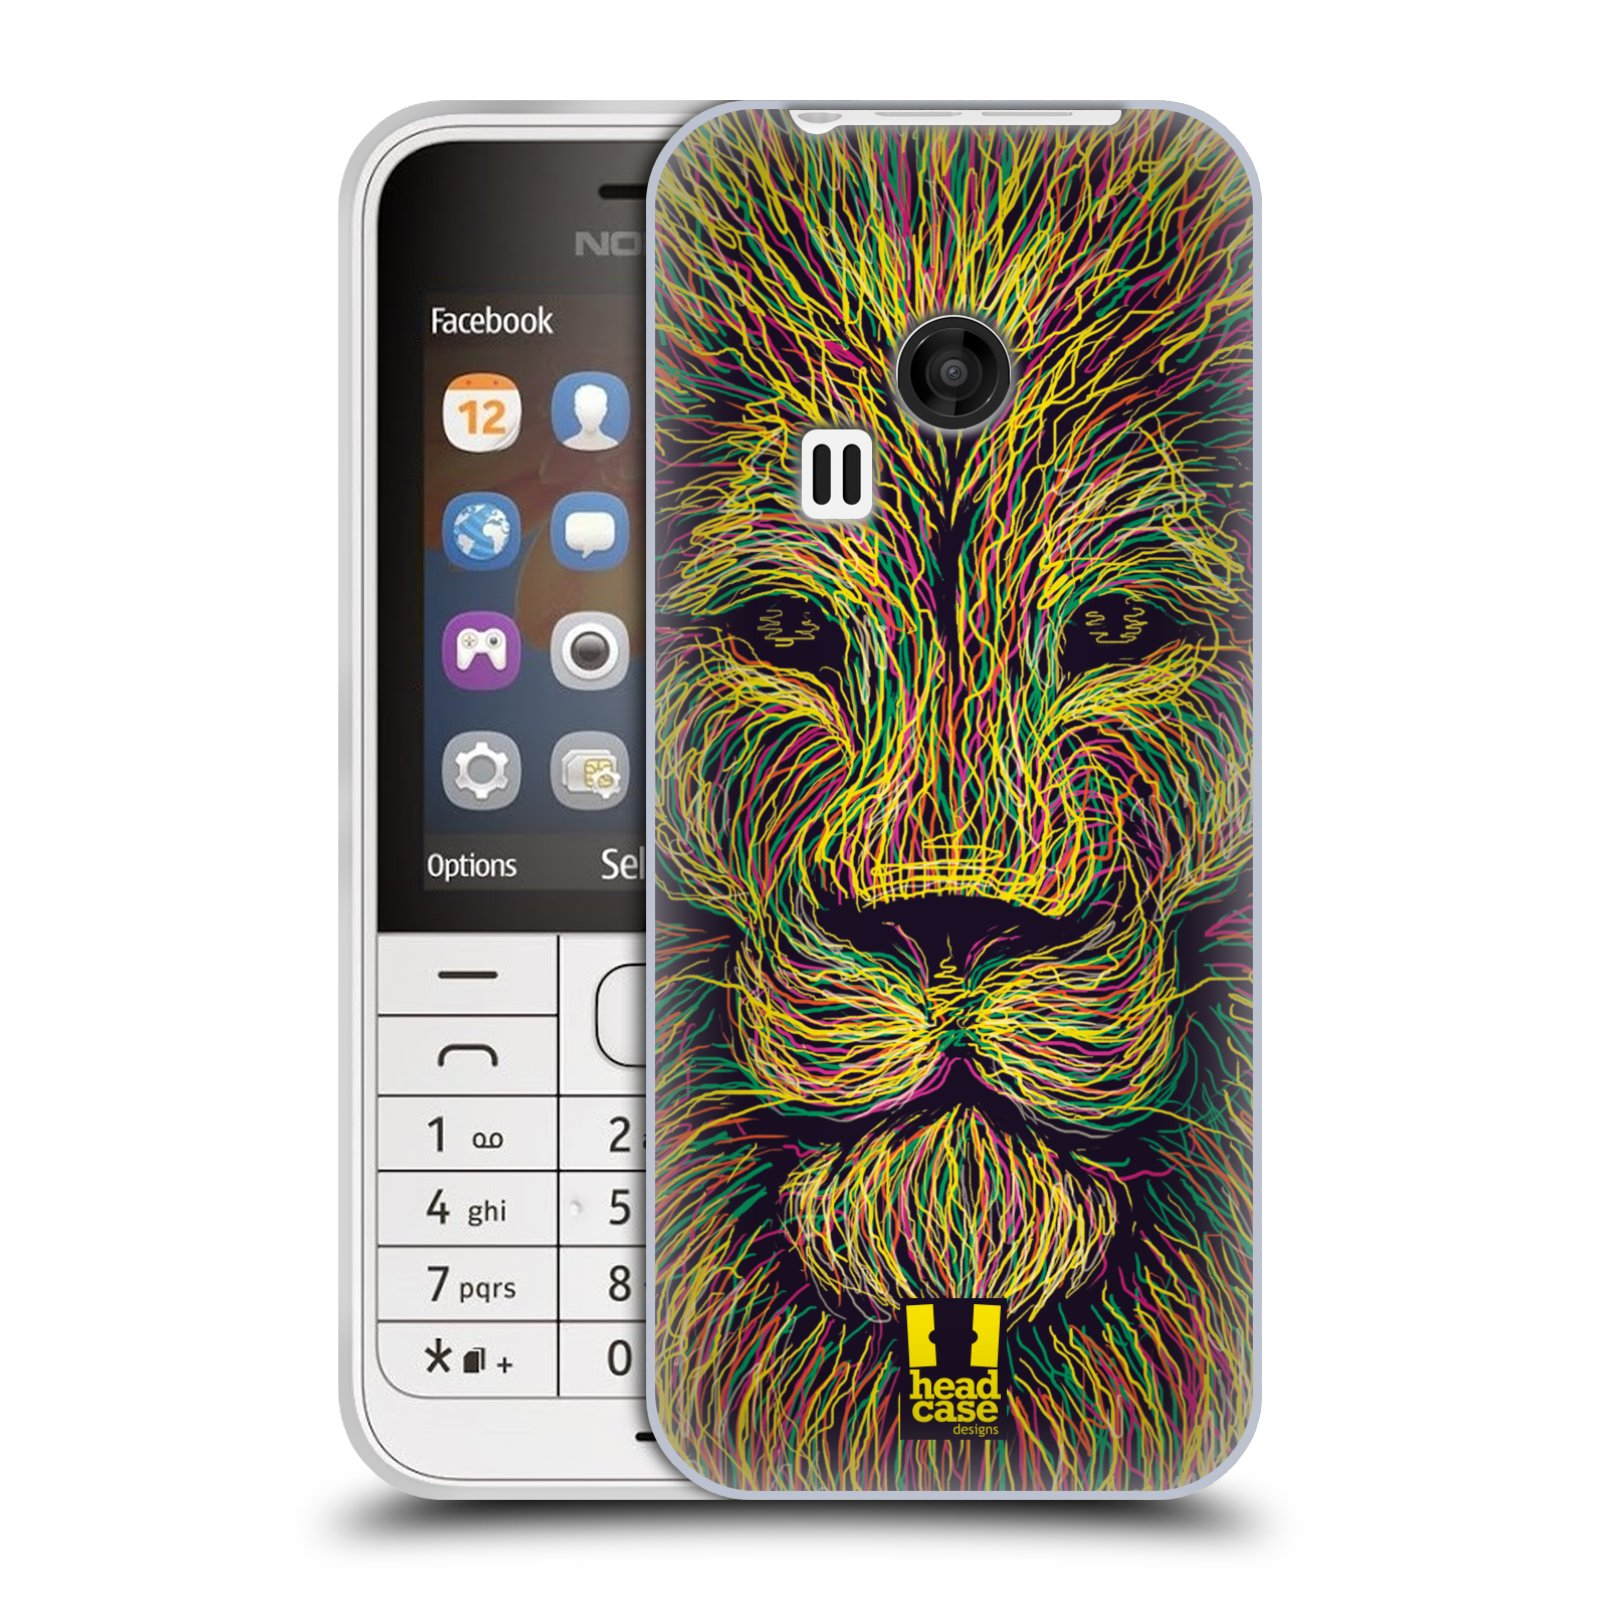 HEAD CASE silikonový obal na mobil NOKIA 220 / NOKIA 220 DUAL SIM vzor zvíře čmáranice lev